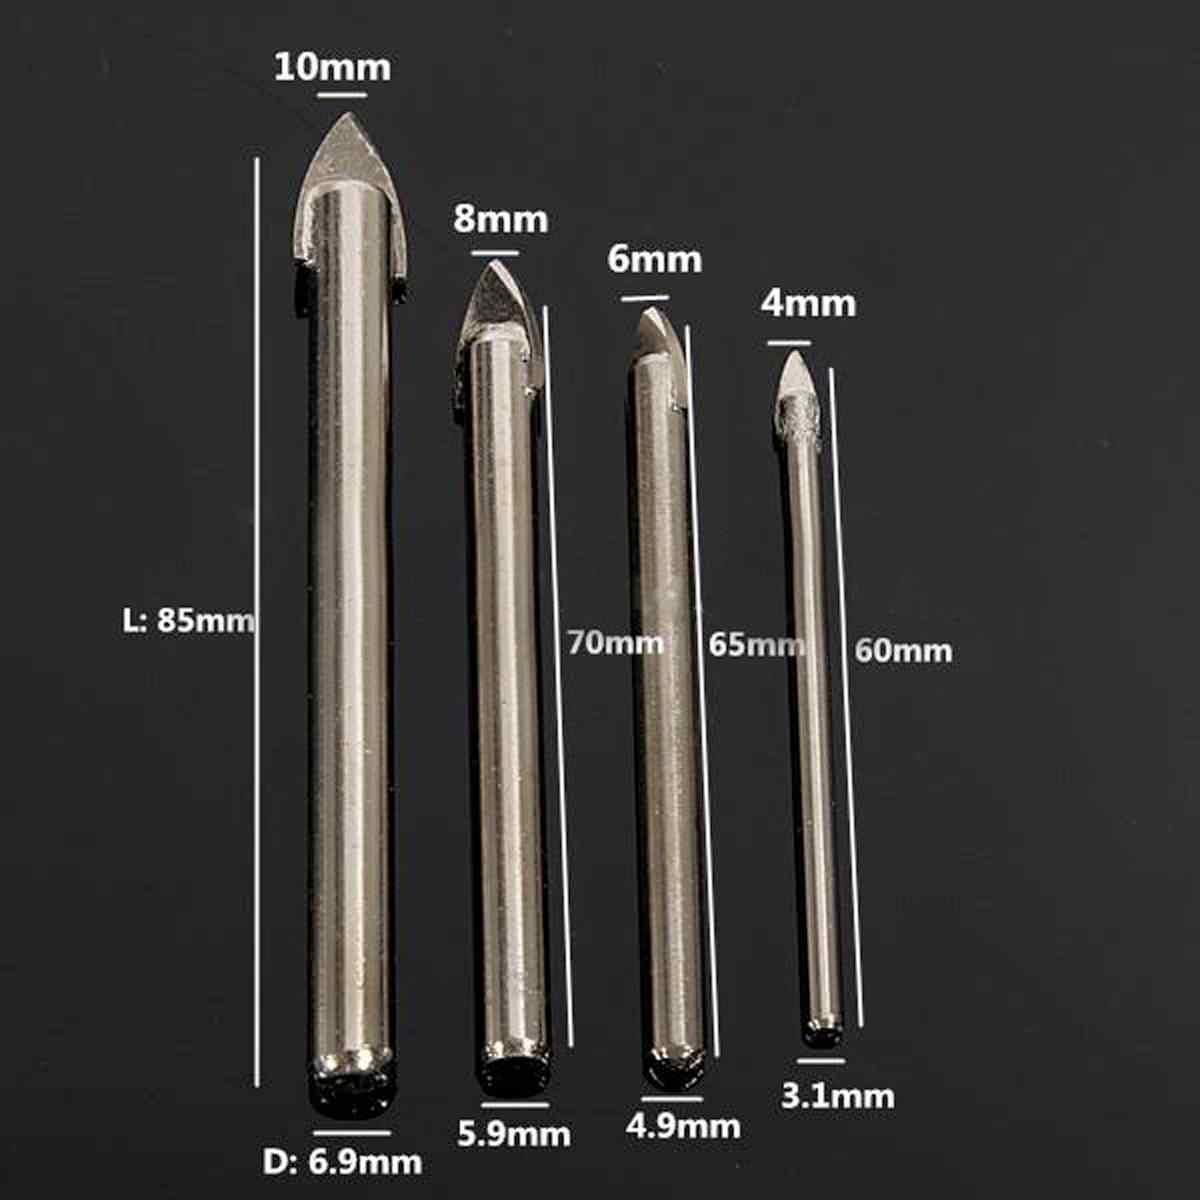 4 x Sứ Bạc Giáo Đầu Đá Ceramic Kính Đá Cẩm Thạch Khoan Bộ có 4/6/8/ 10mm